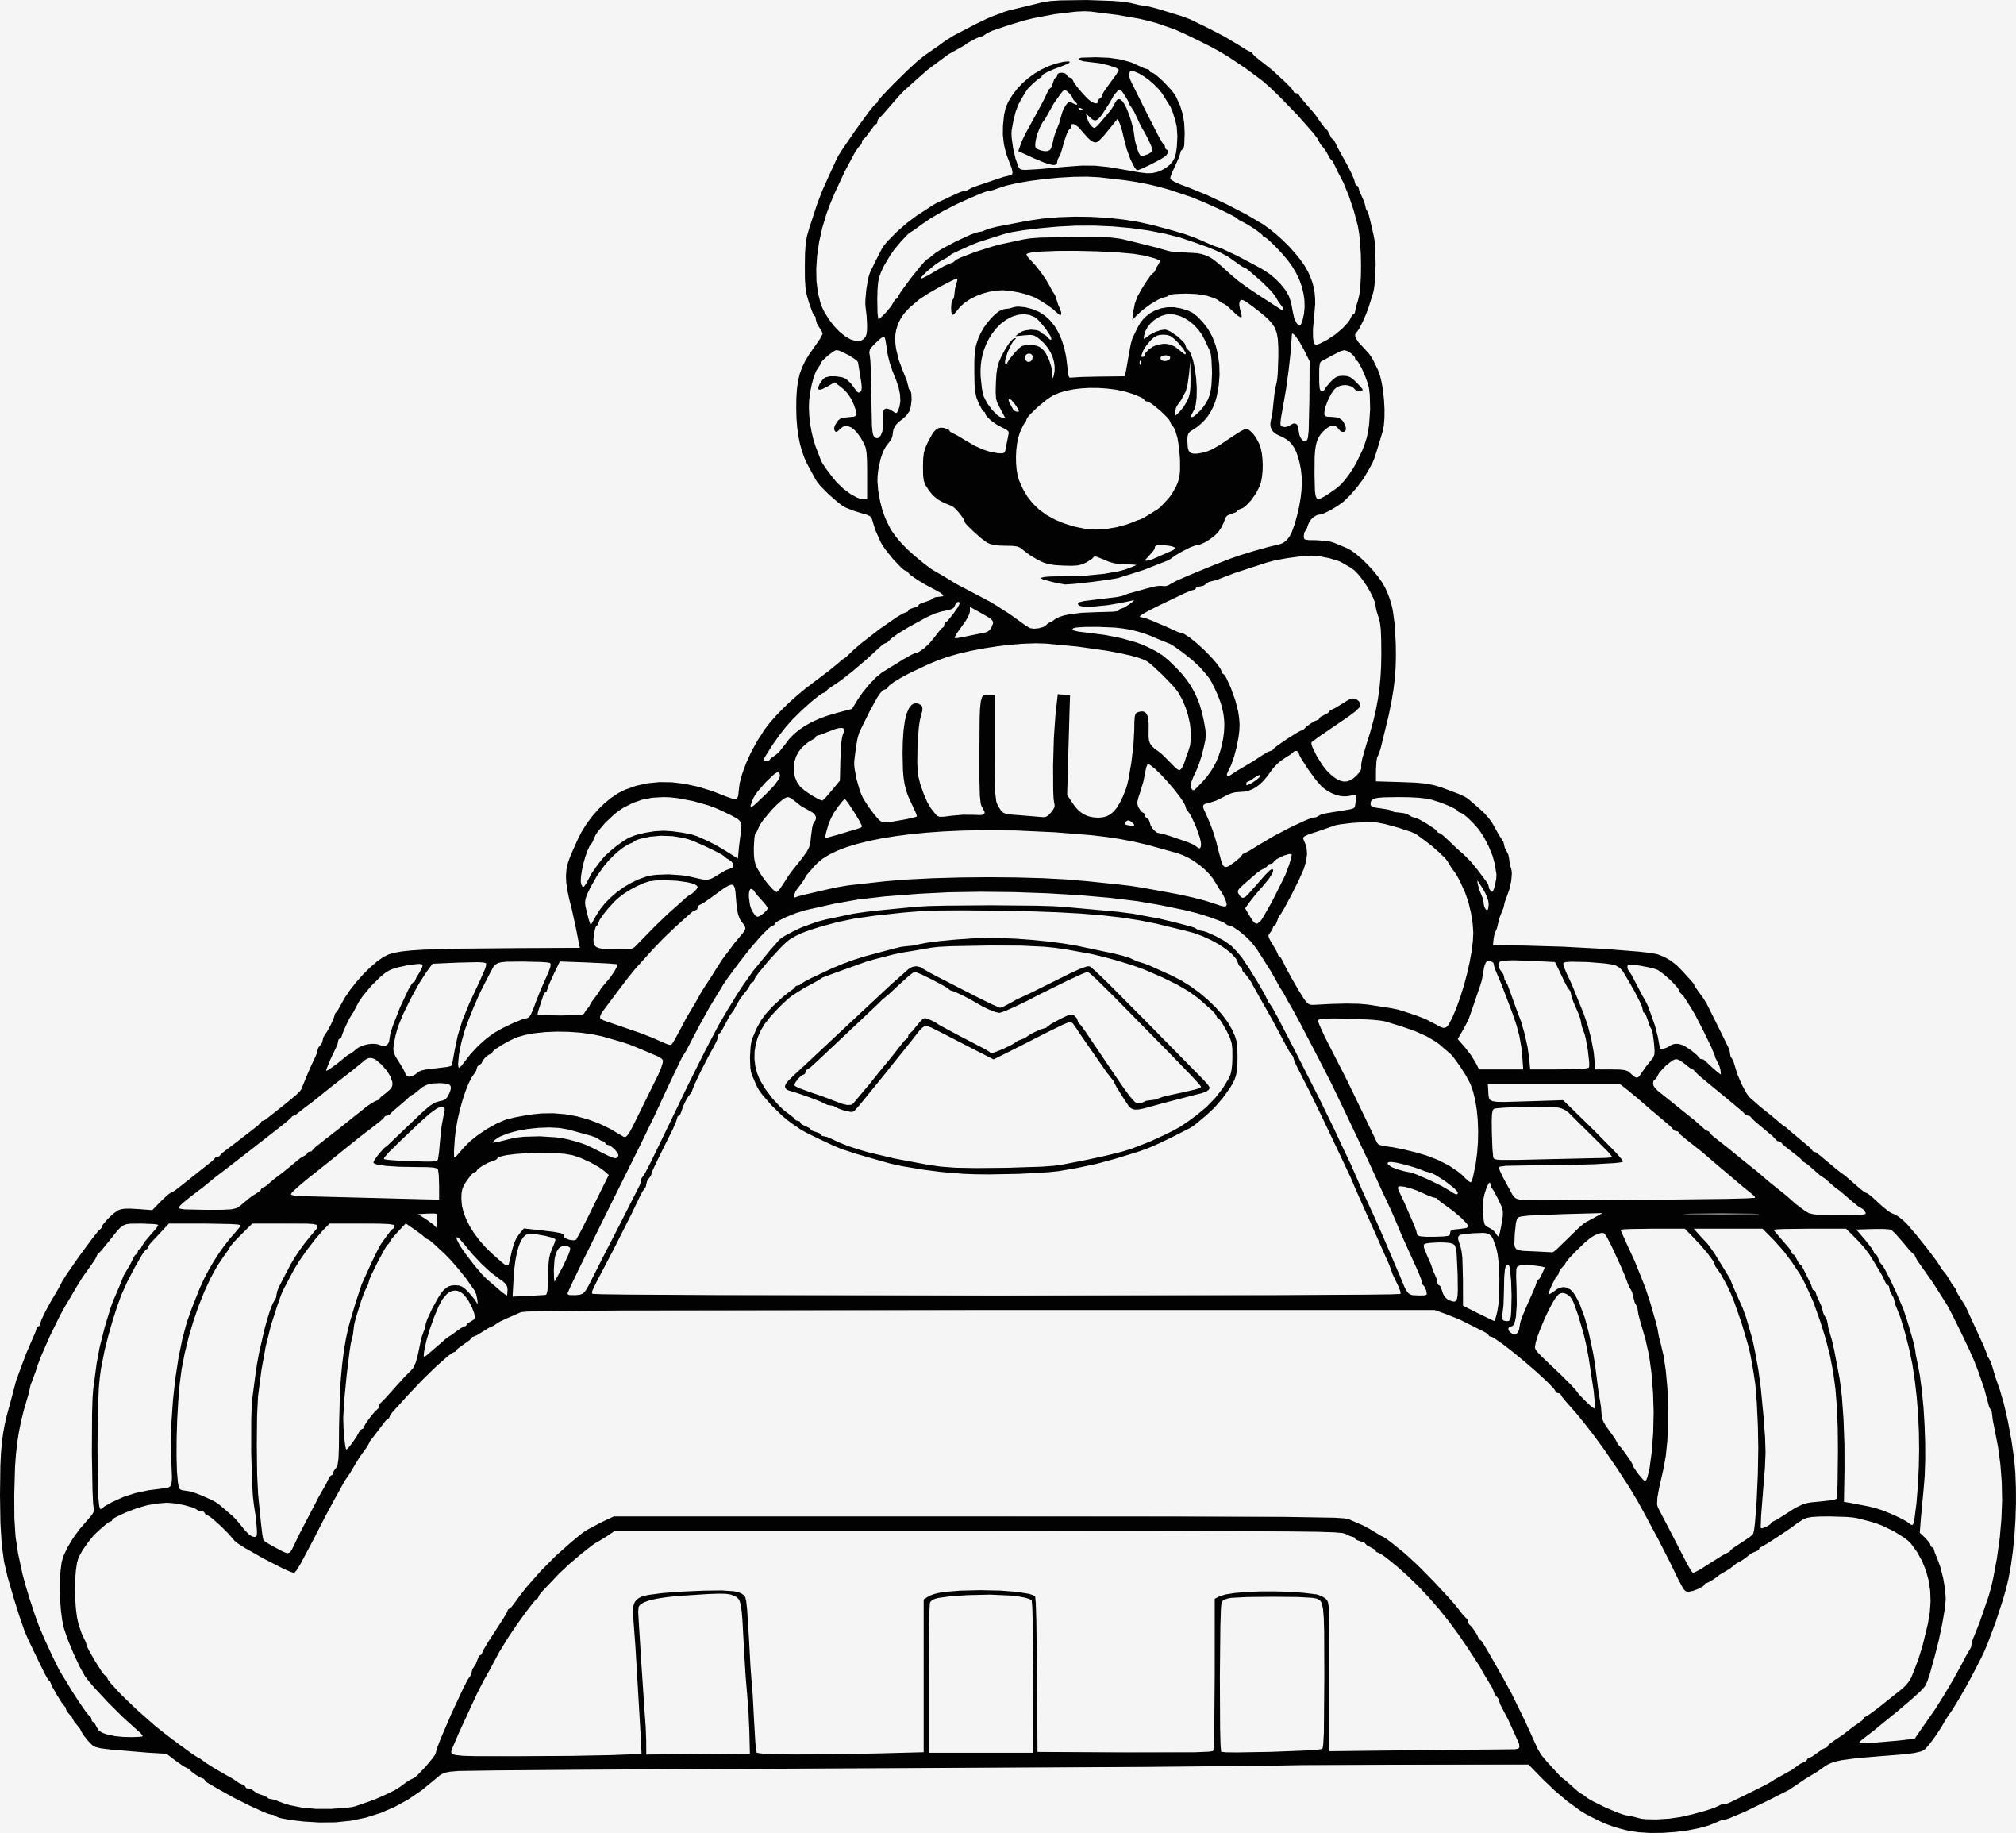 Ausmalbild Super Mario Genial Beispielbilder Färben Malvorlagen Mario Kostenlos Sammlung